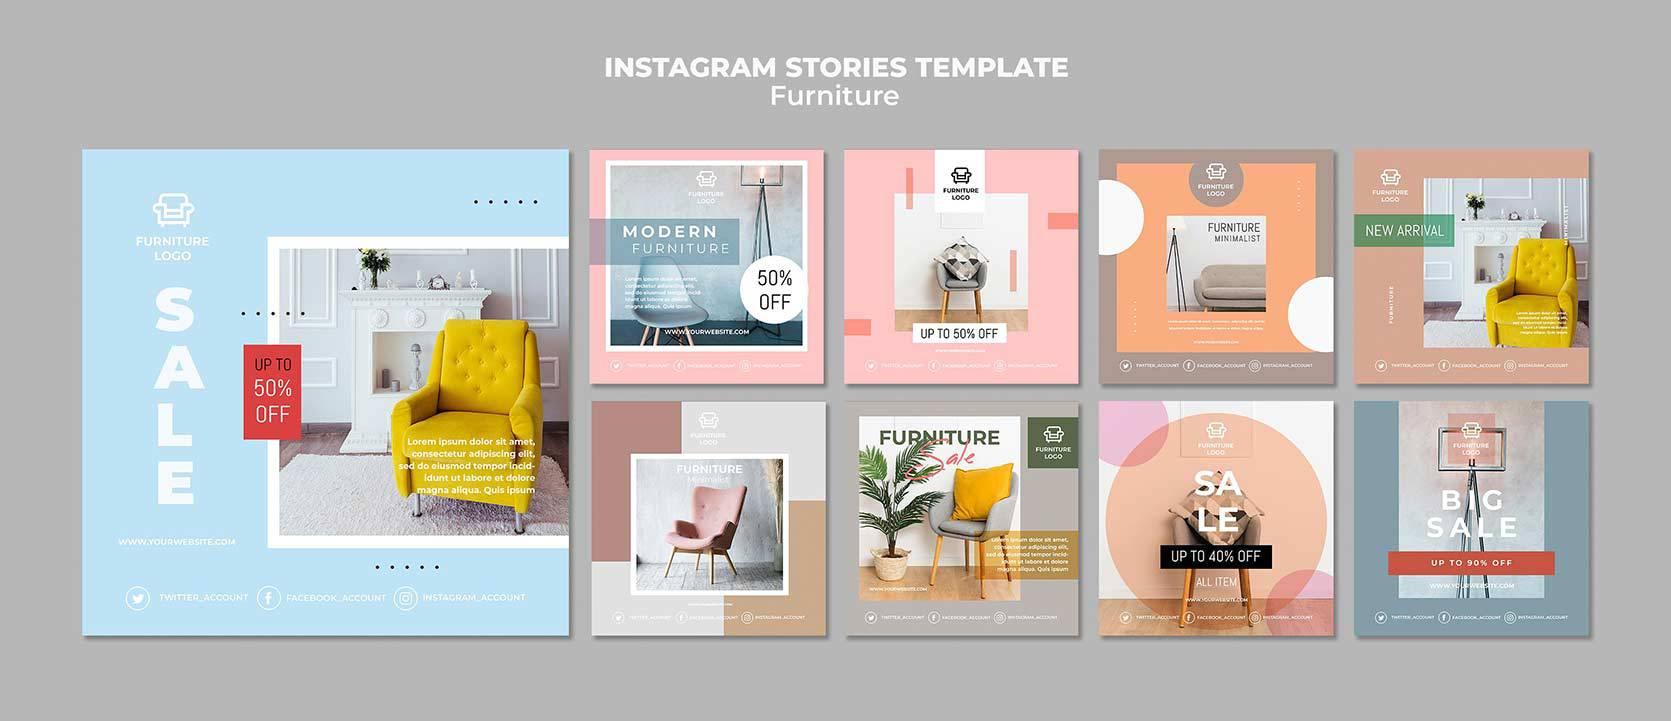 طرح لایه باز پست تبلیغاتی اینستاگرام ، تجاری و فروشگاهی